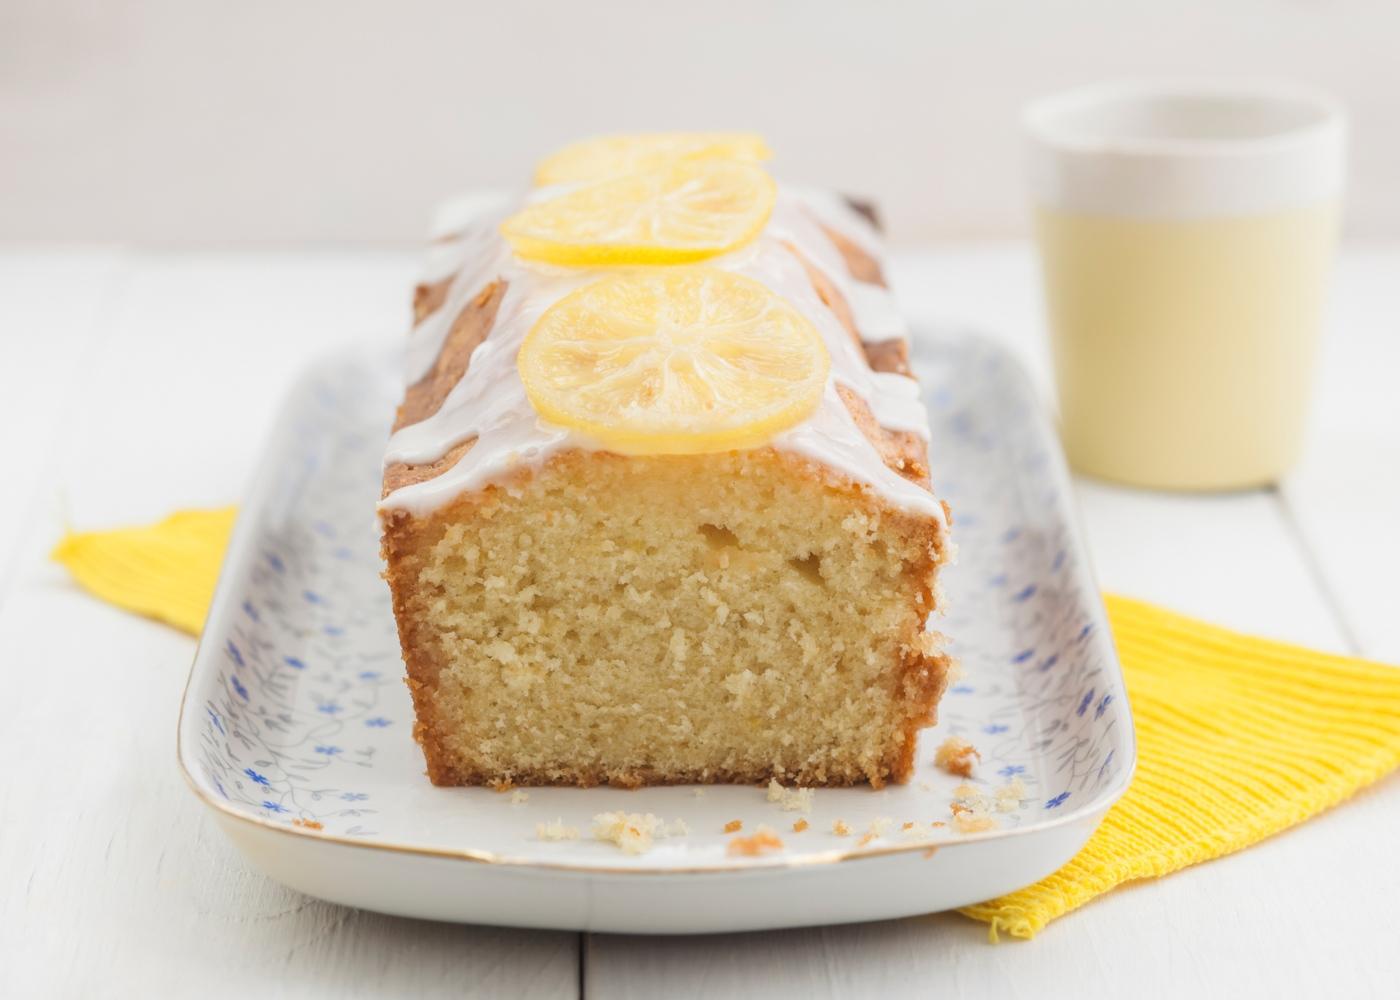 Receitas de bolos saudáveis para fazer com as crianças: bolo de limão